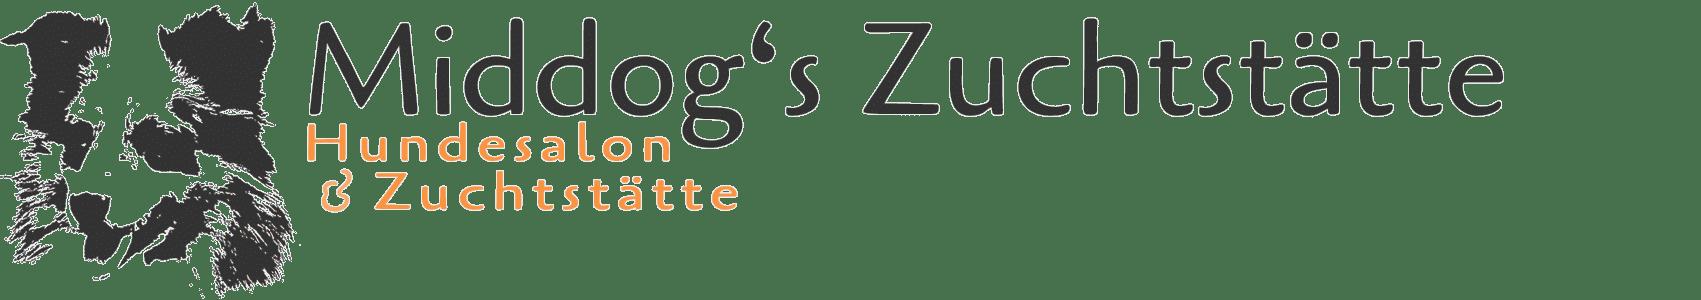 Middog's Zuchtstätte logo